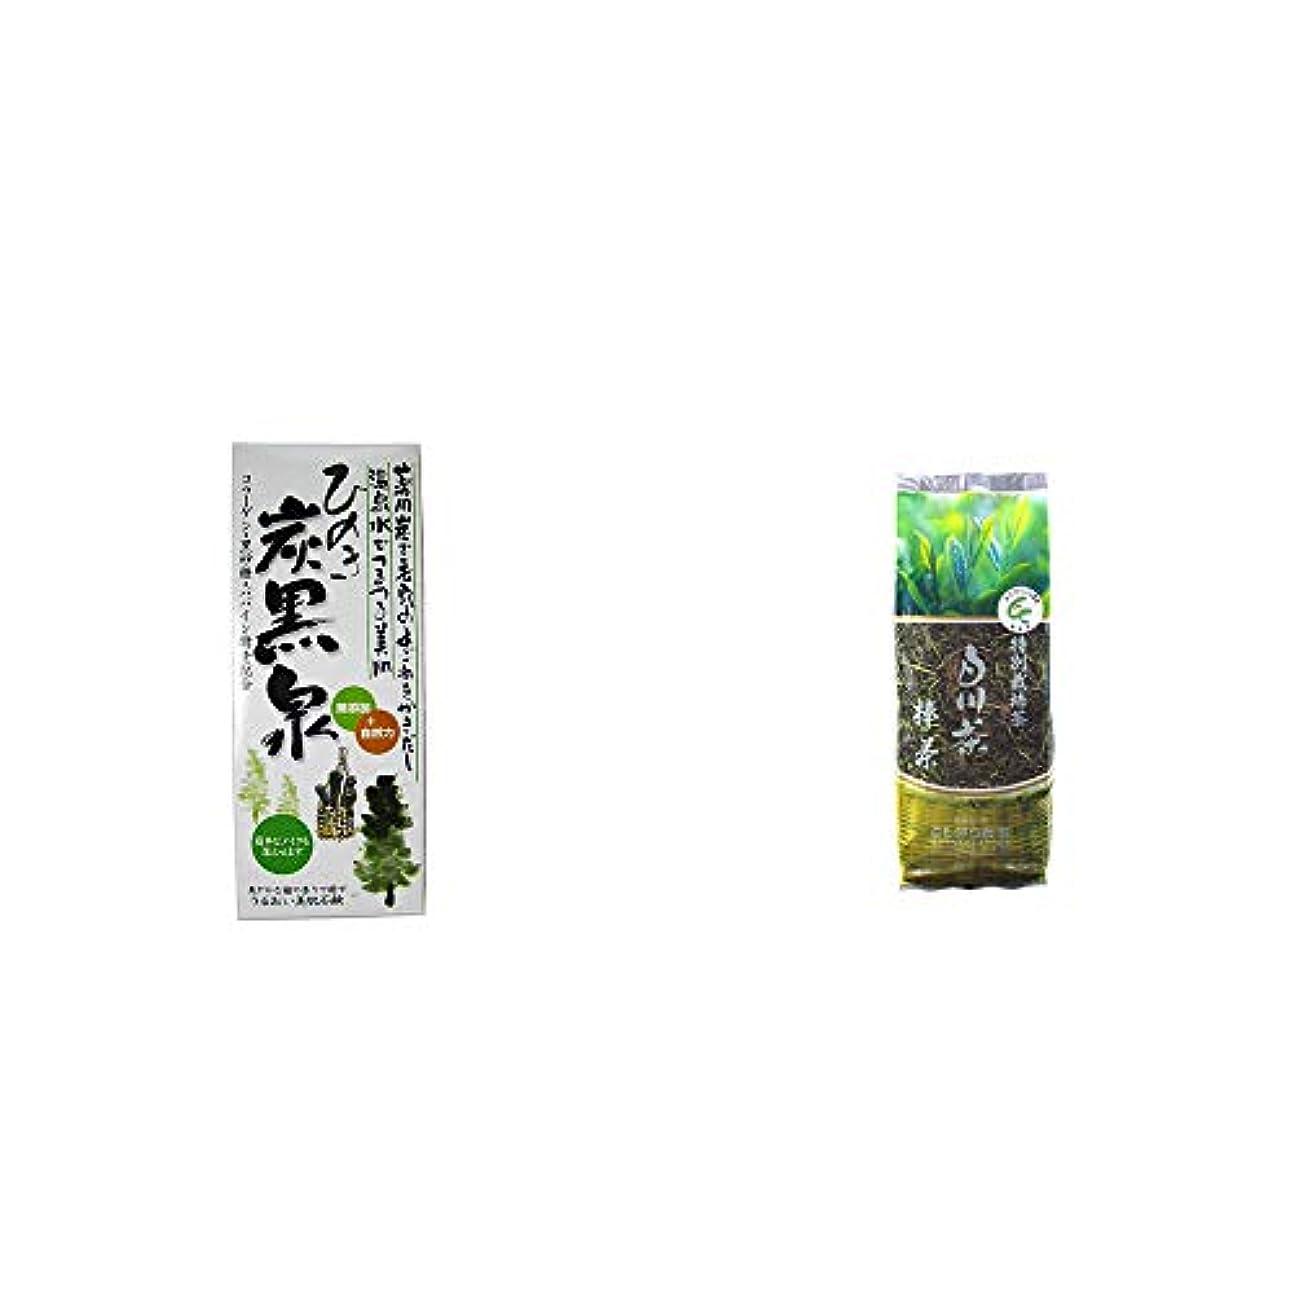 バナナ終了する株式会社[2点セット] ひのき炭黒泉 箱入り(75g×3)?白川茶 特別栽培茶【棒茶】(150g)